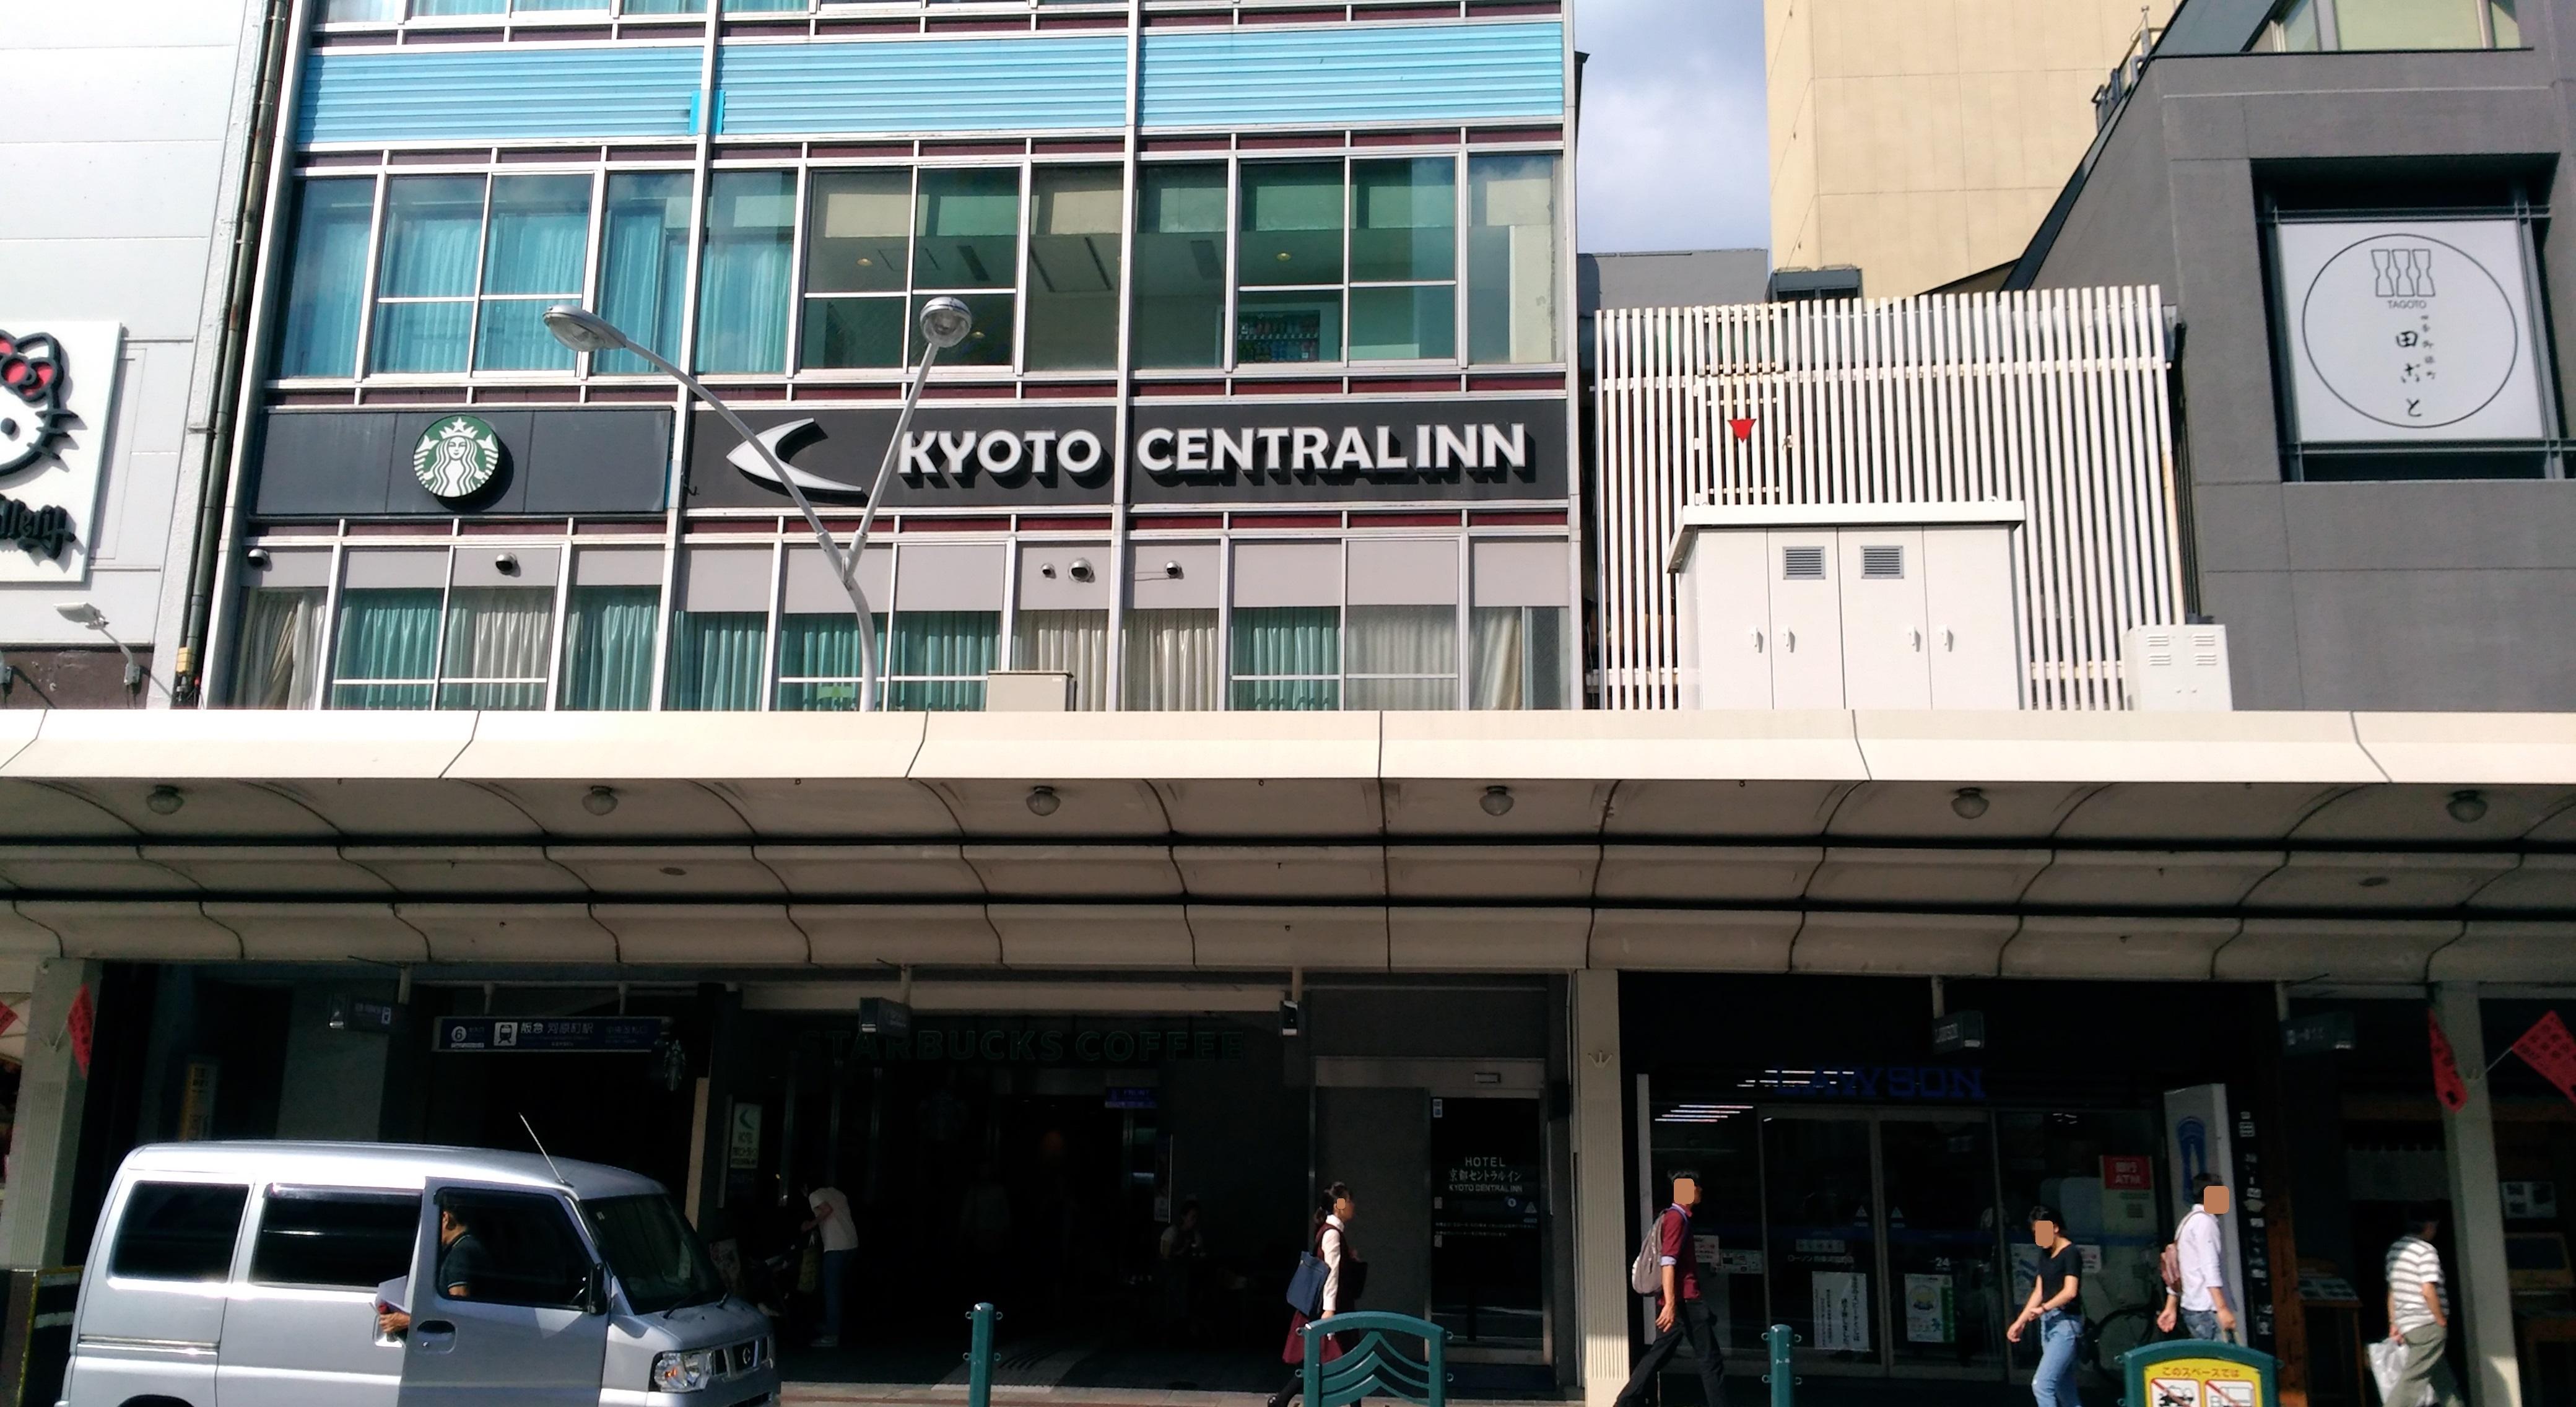 京都随一の繁華街のど真ん中にあるホテル【京都セントラルイン】はいかがでしょうか! -リピーターのための、おすすめ京都の穴場ガイド-